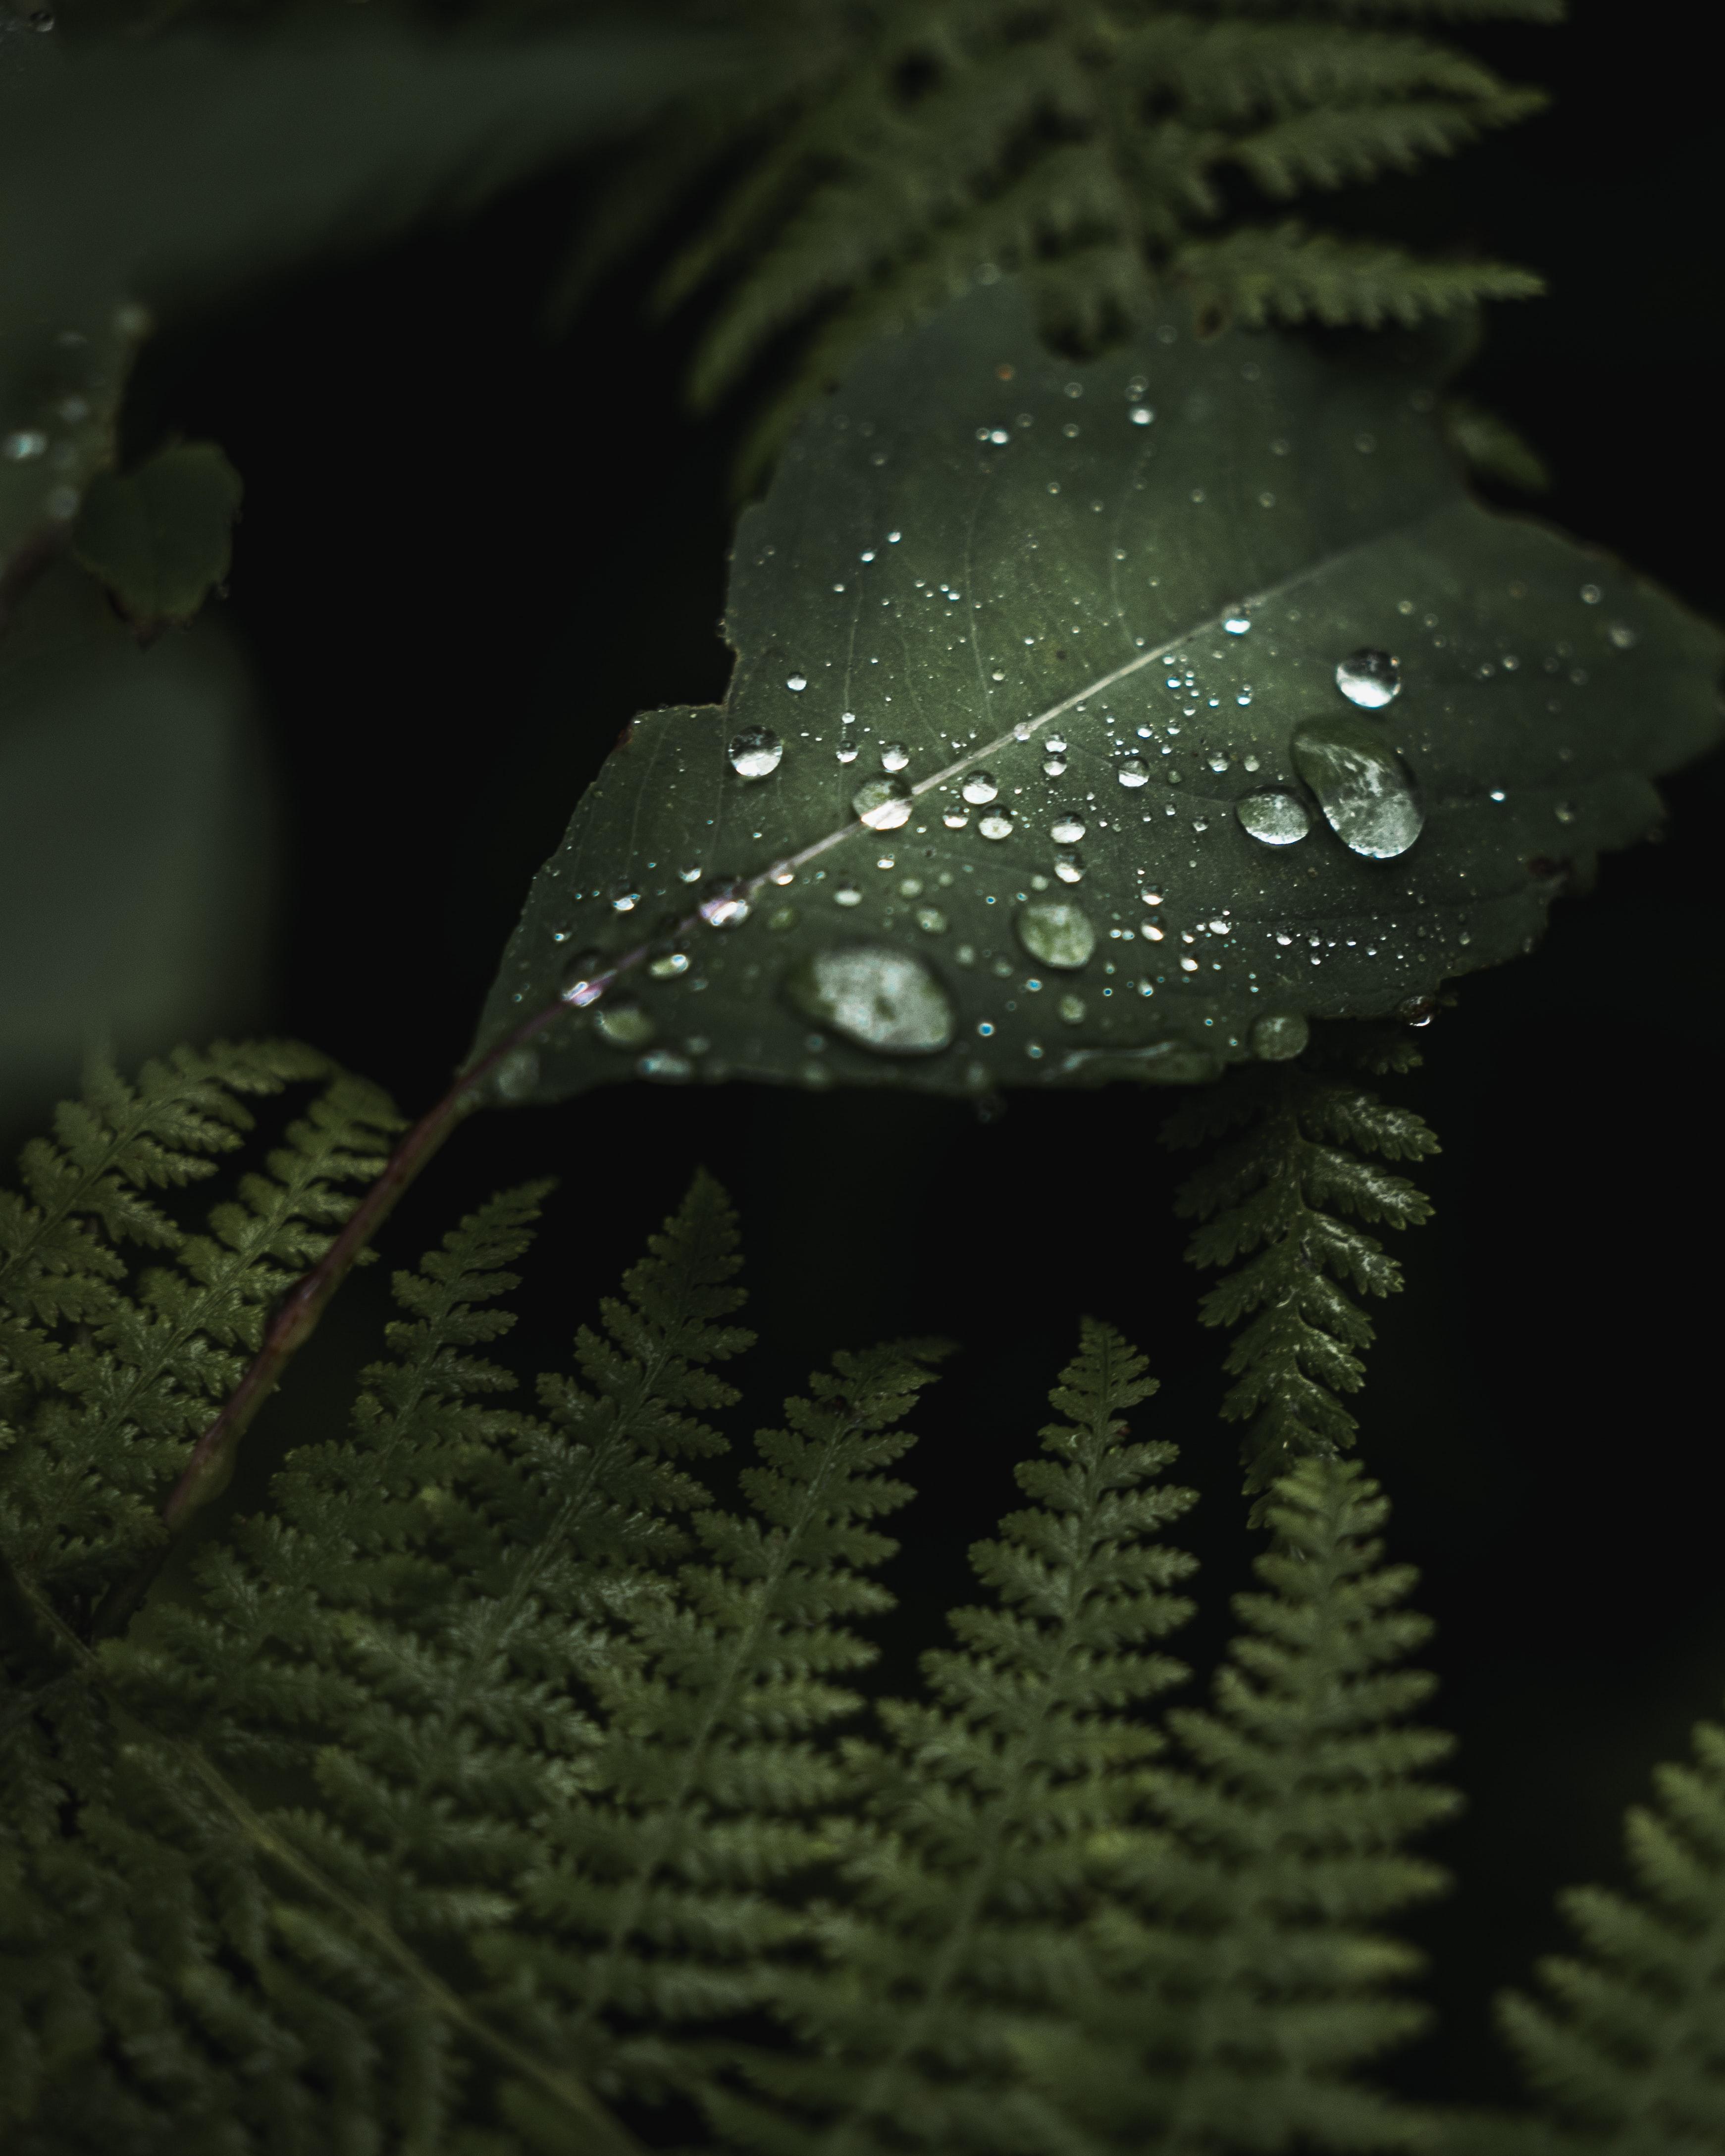 142649 скачать обои Макро, Листья, Капли, Мокрый, Зеленый, Растения - заставки и картинки бесплатно